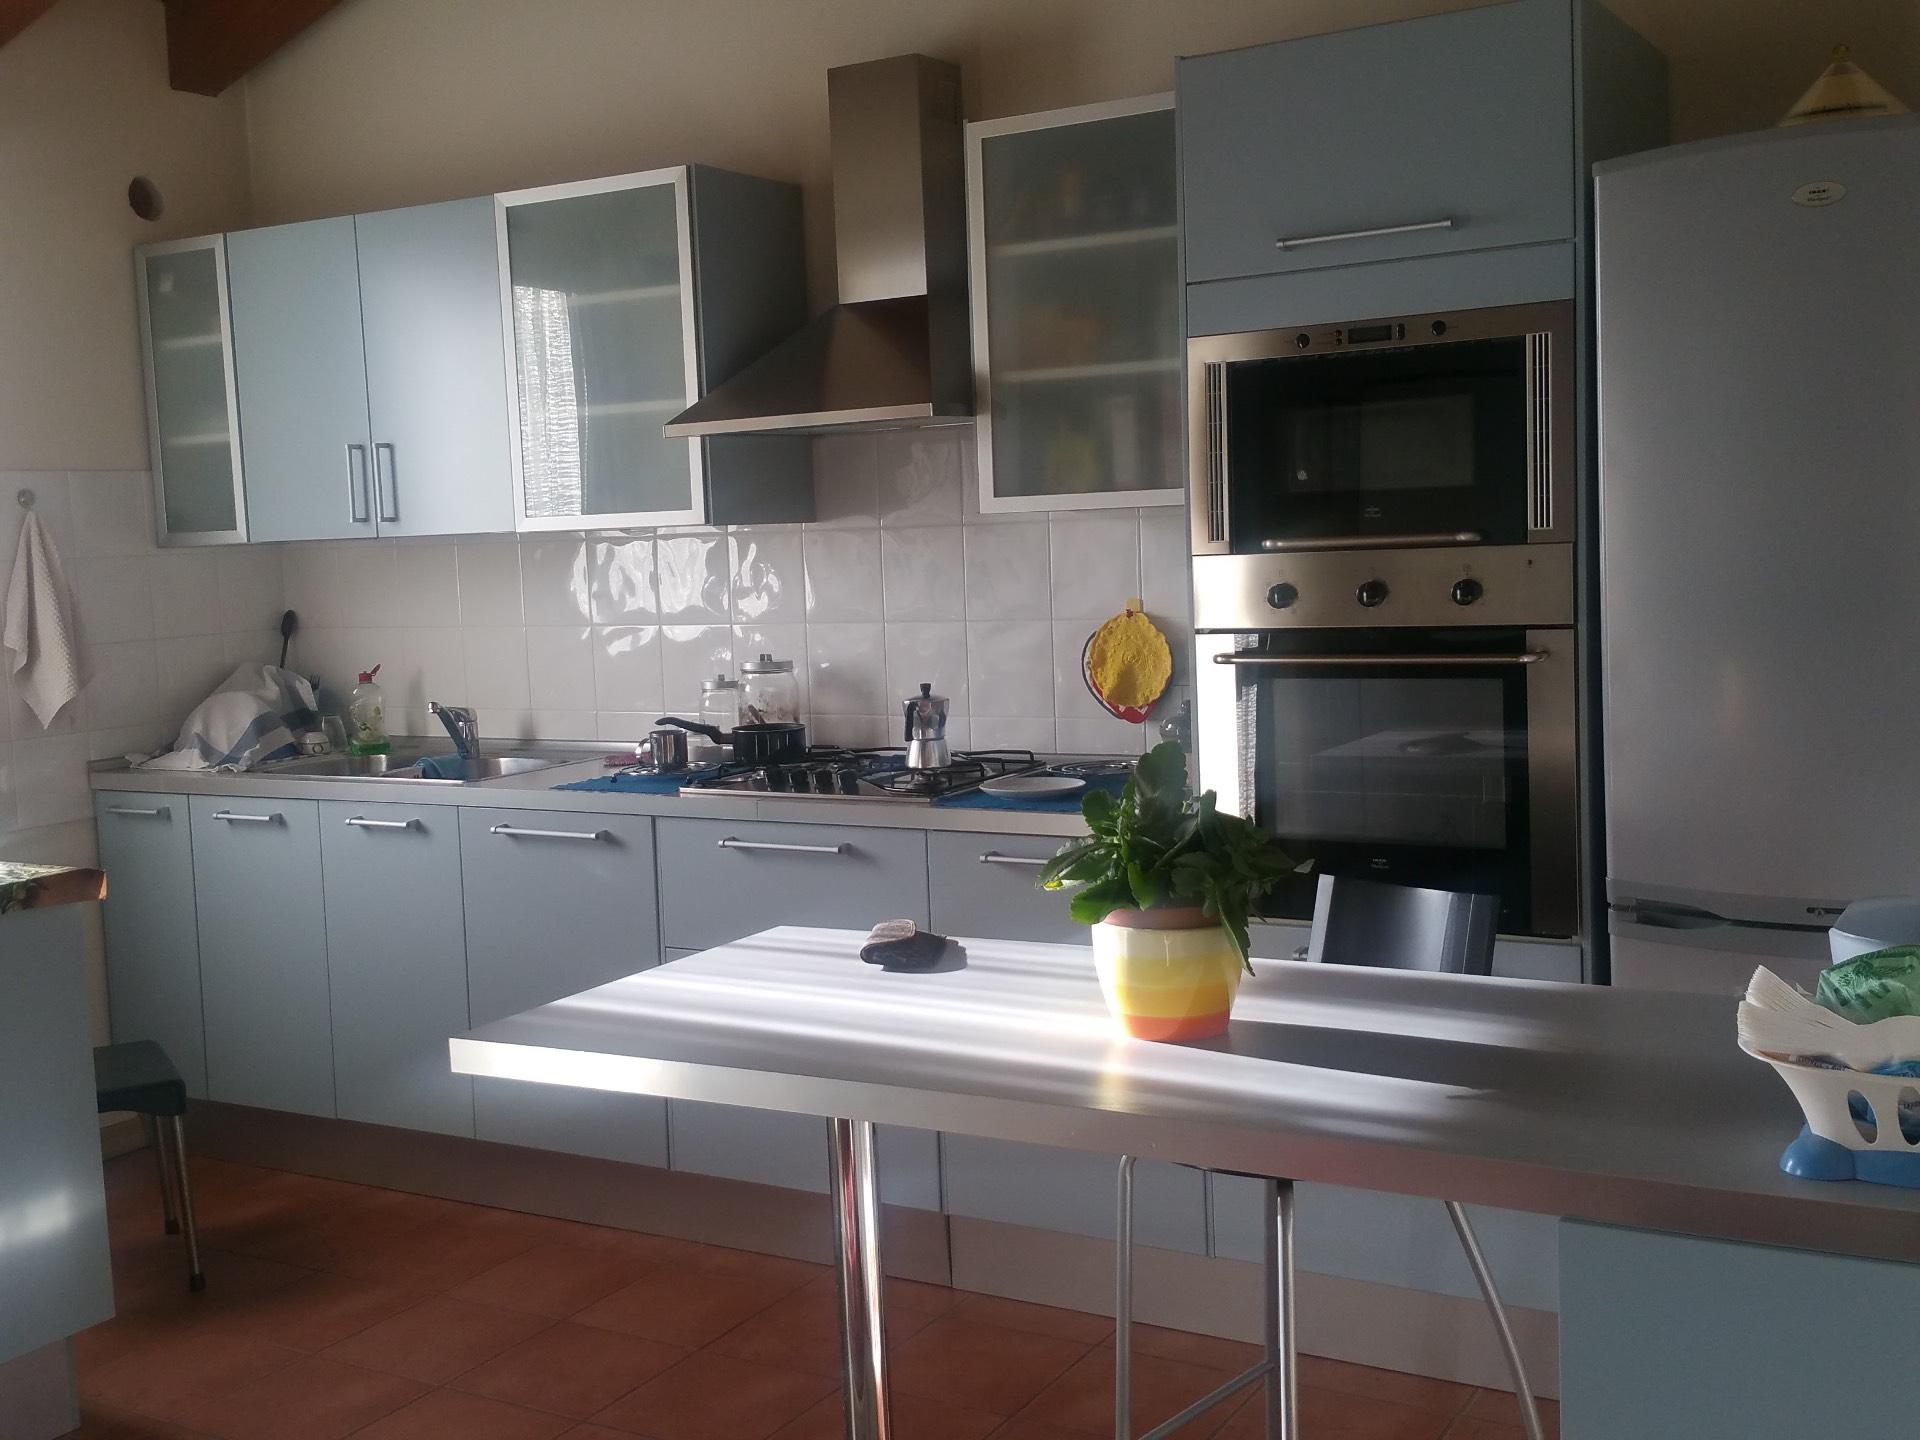 Appartamento in vendita a Mareno di Piave, 4 locali, zona Zona: Soffratta, prezzo € 130.000 | Cambio Casa.it